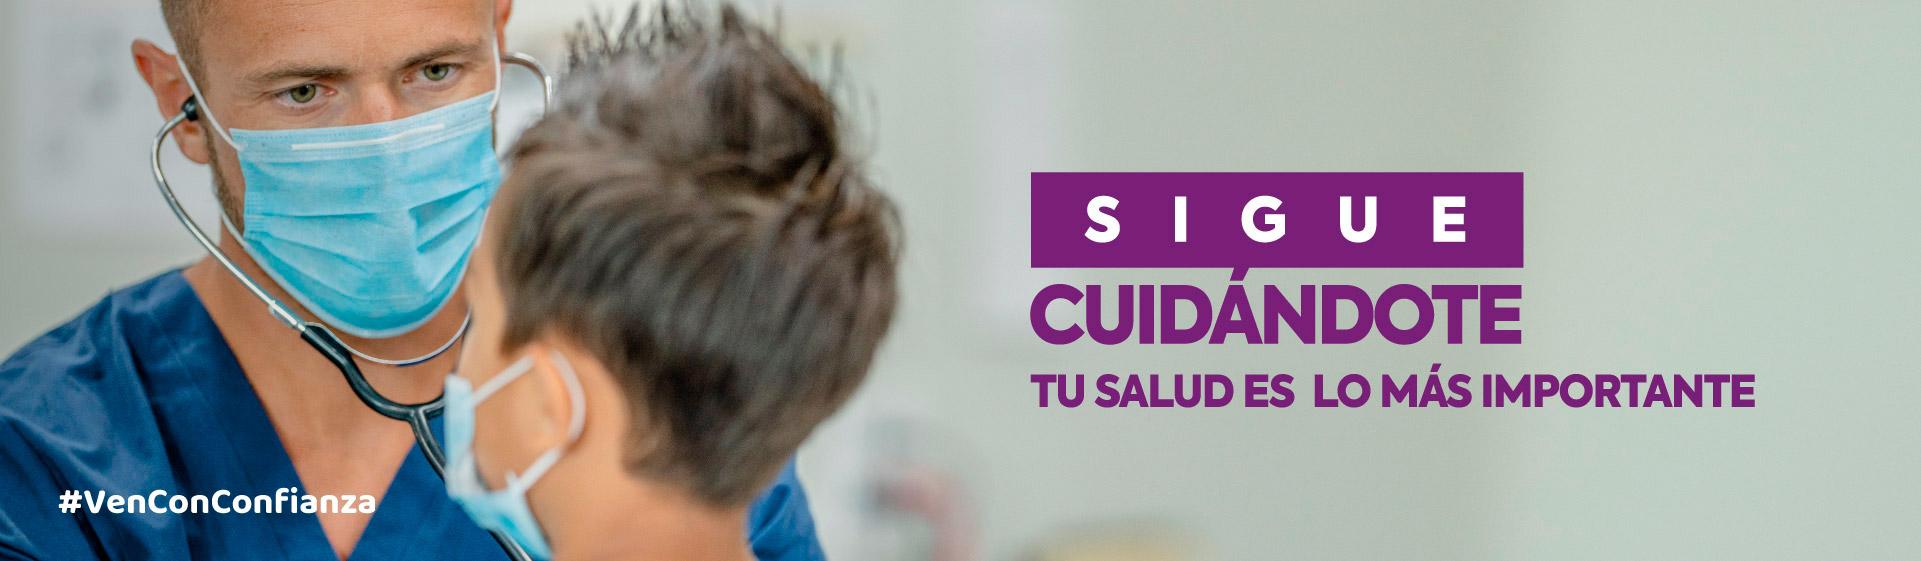 SIGUE-CUIDANDOTE_ATENCION-SEGURA 1920x560